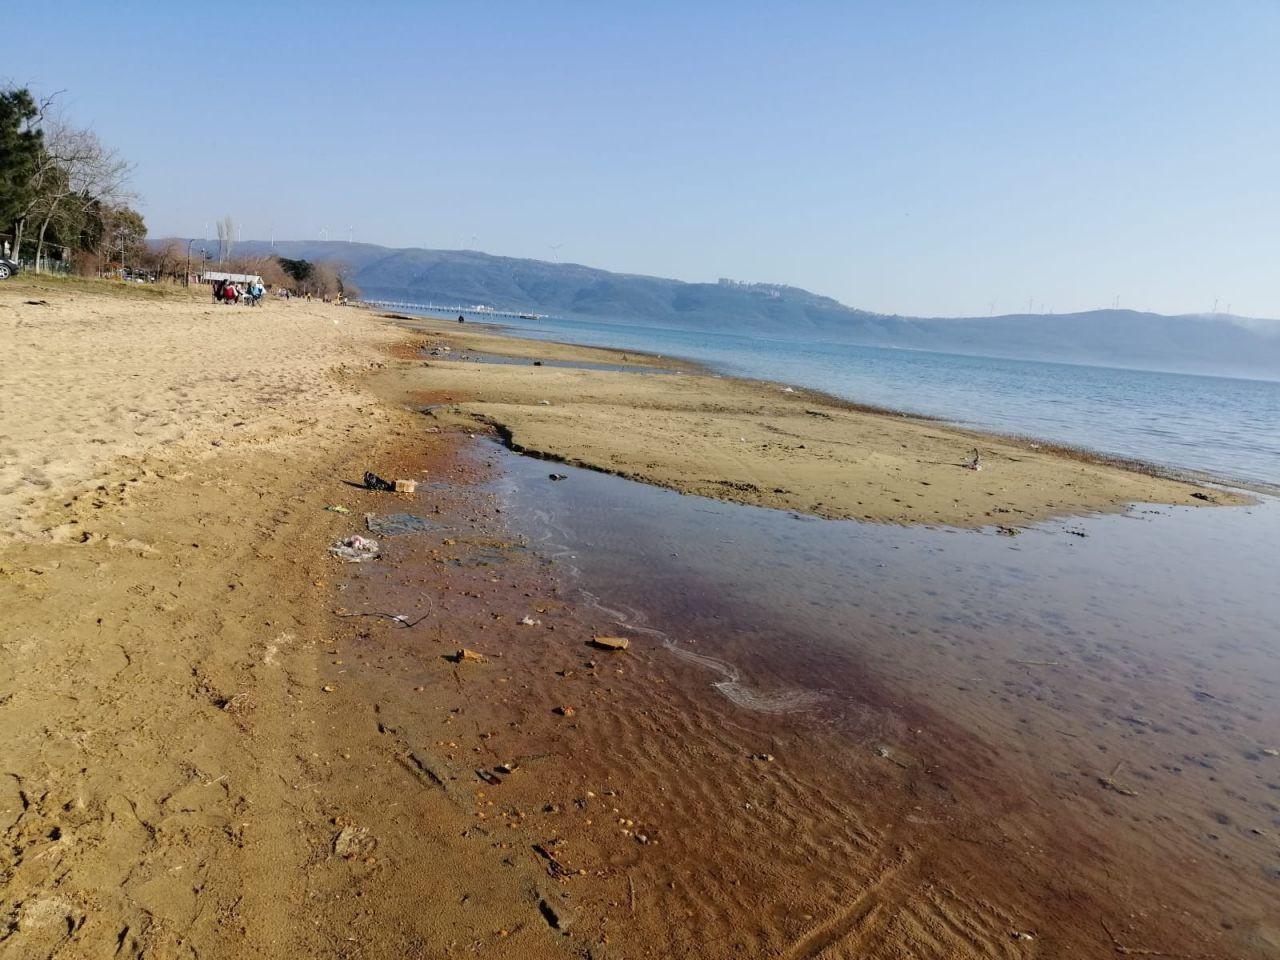 Balıkesir'in Erdek İlçesi'ndeki Düzler sahilinde korkutan görüntü! video izle - Sayfa 3